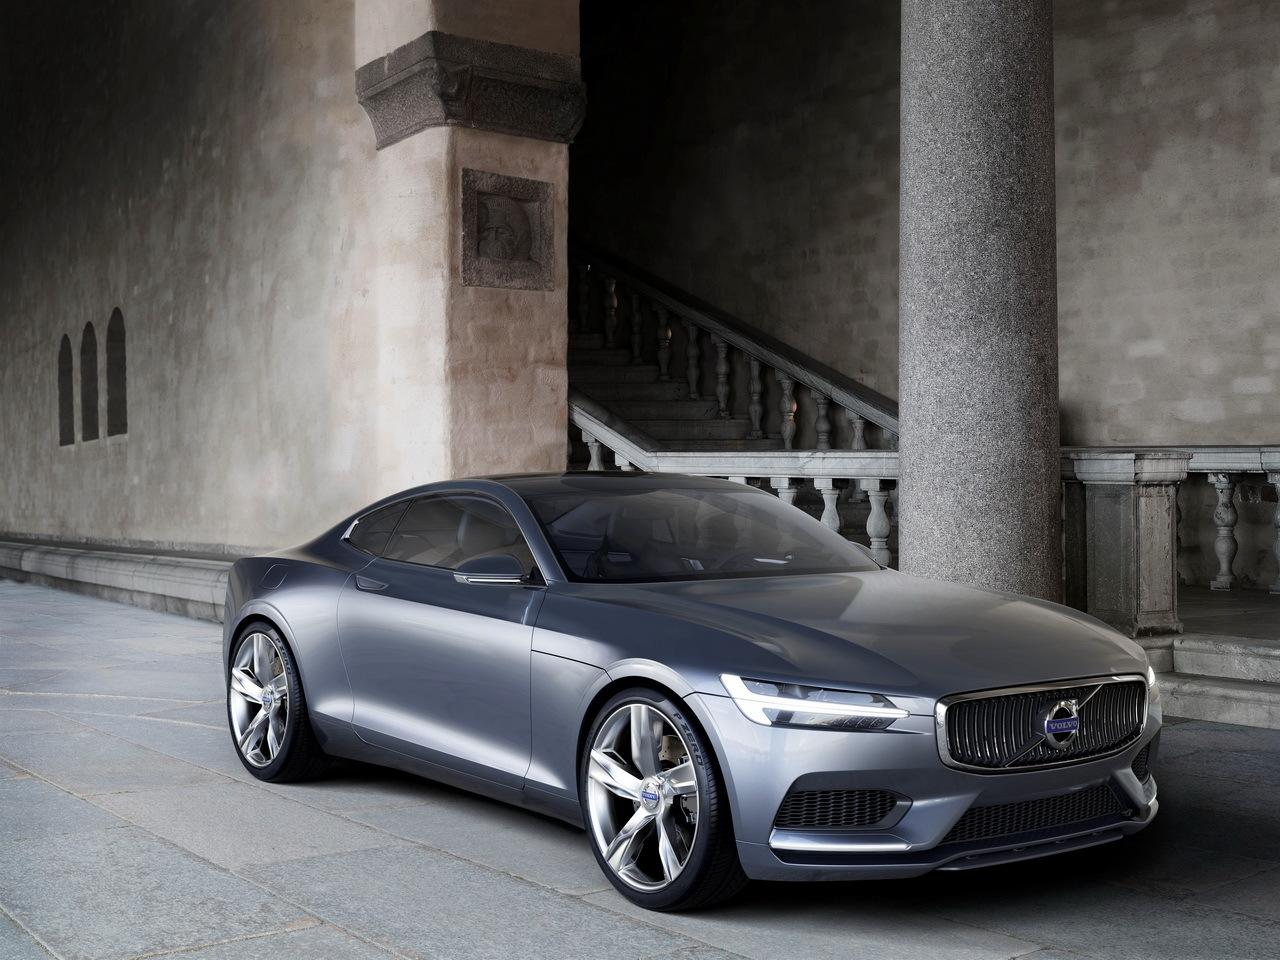 Salon de Francfort 2013 Volvo Concept C Coupe : subtile référence au coupé P1800